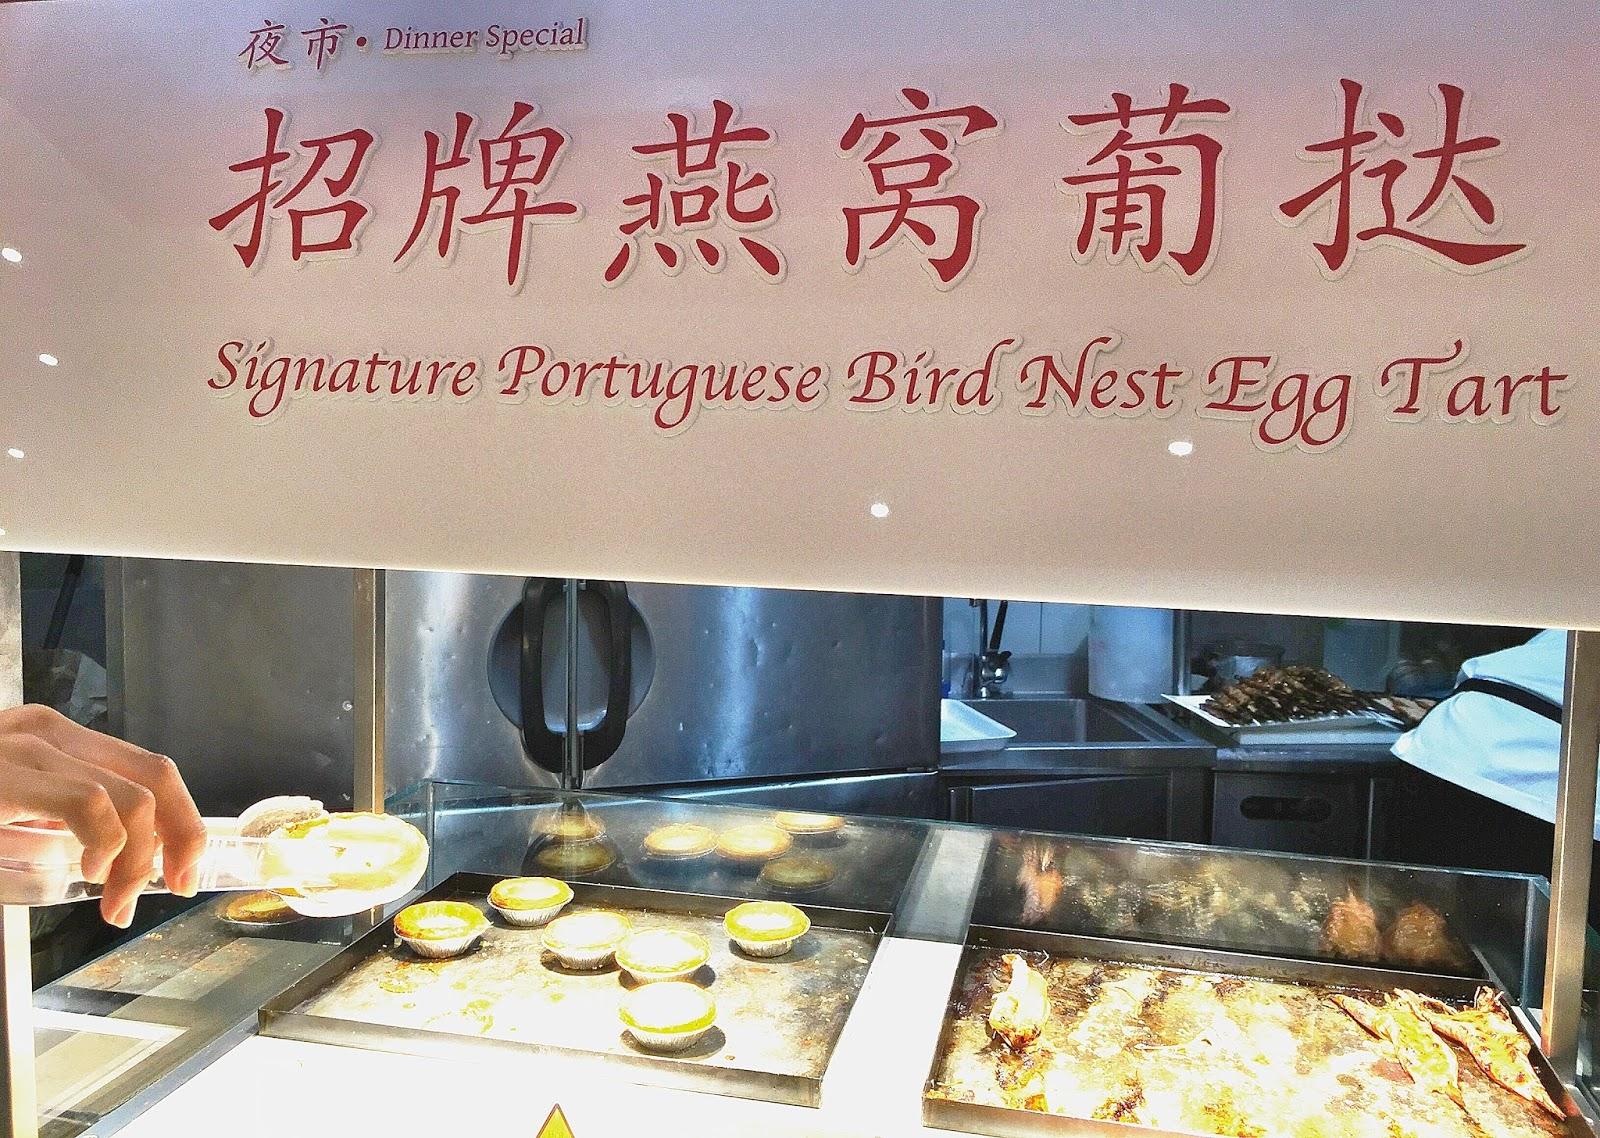 Sakura International Buffet Bird Nest Egg Tart